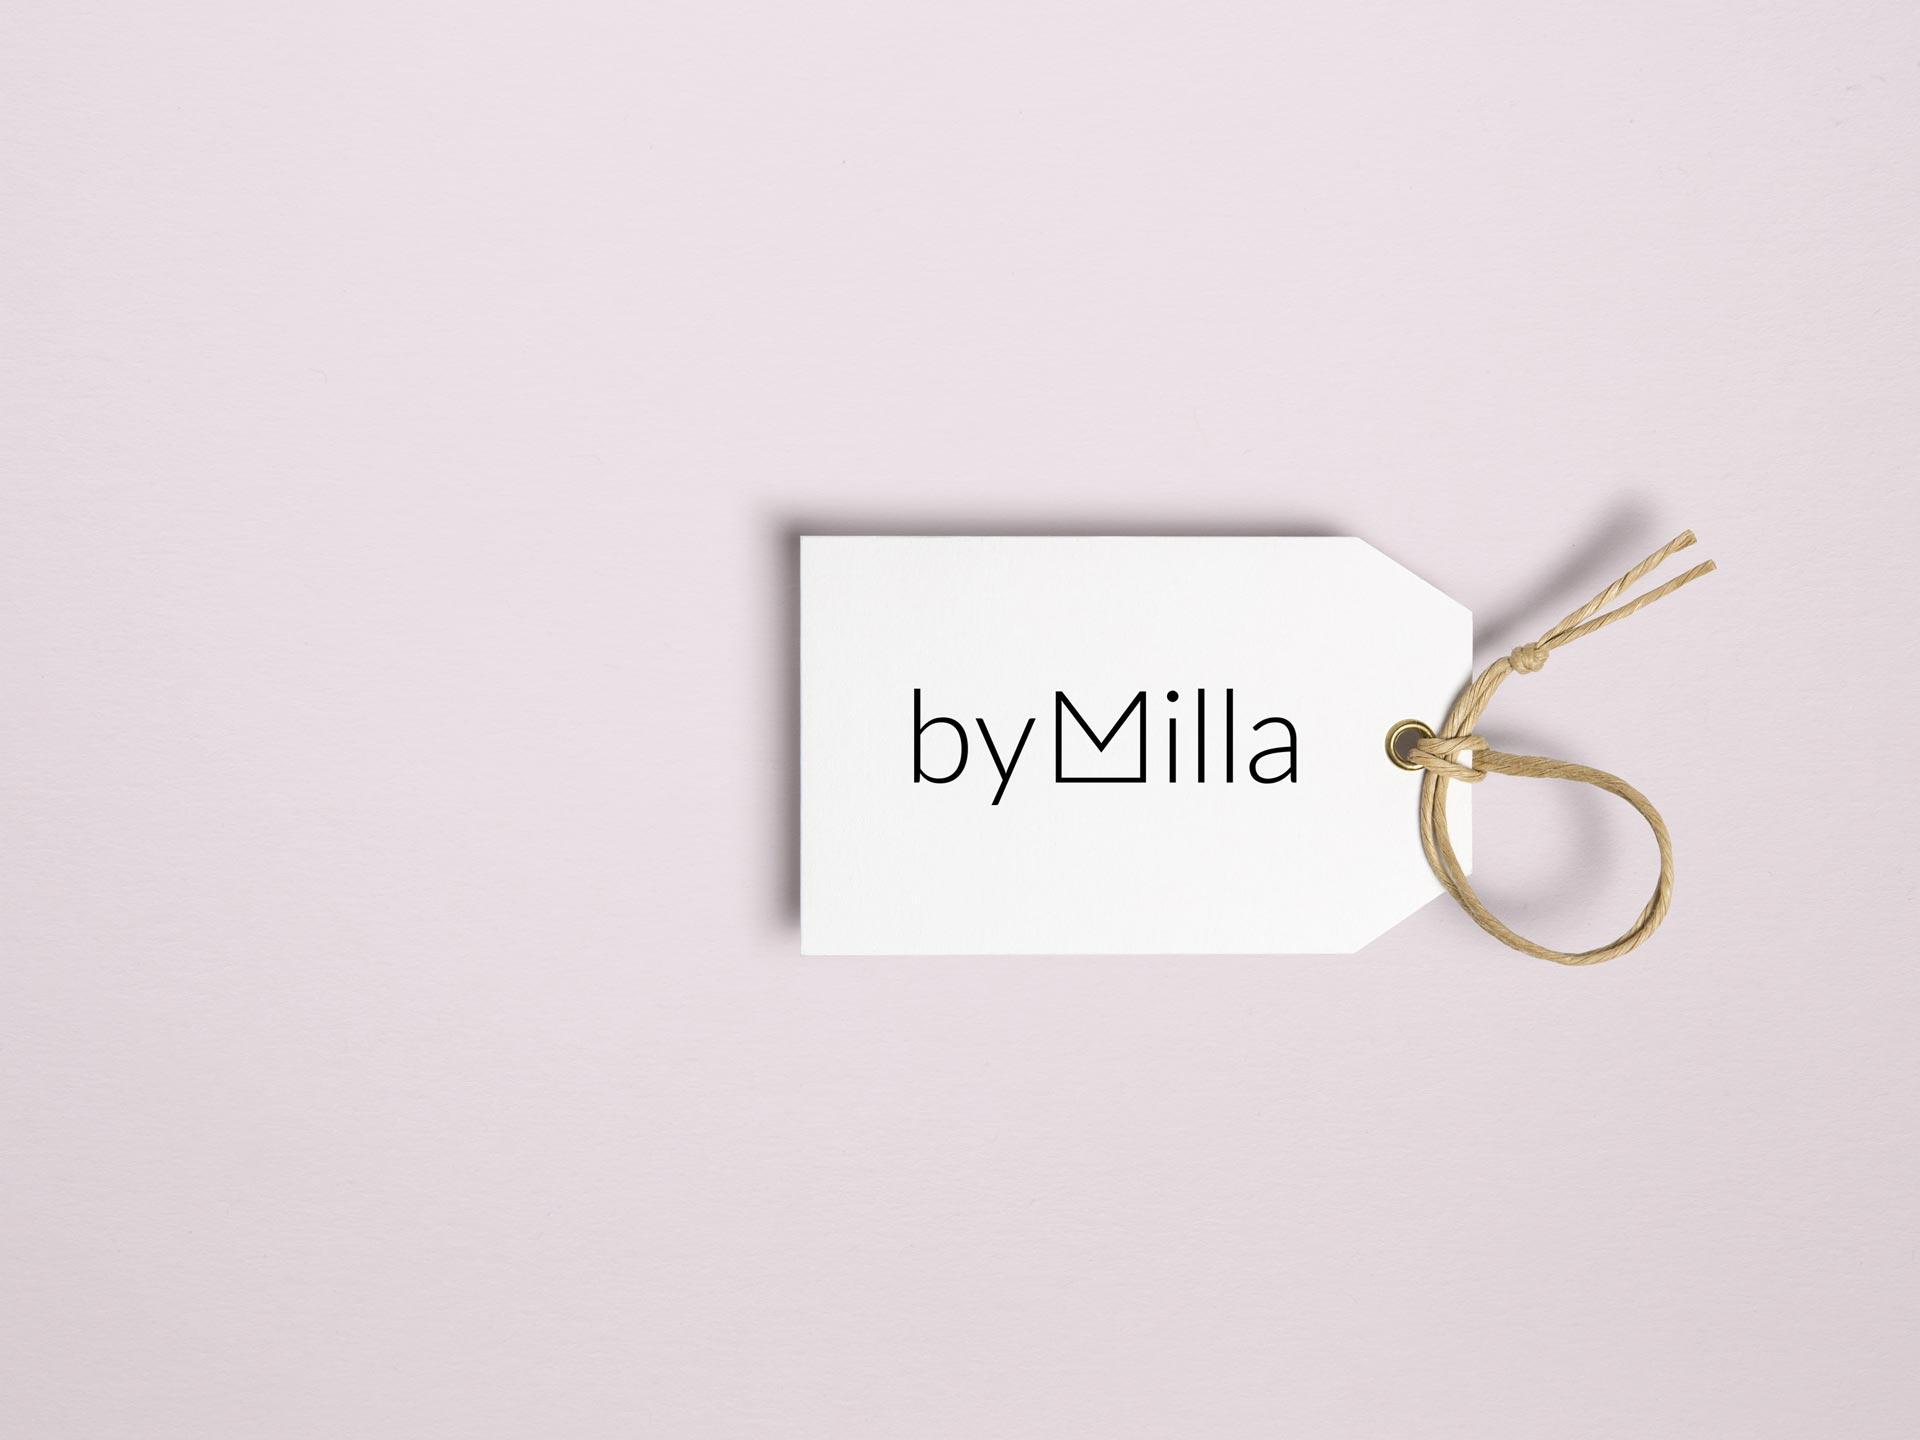 byMilla